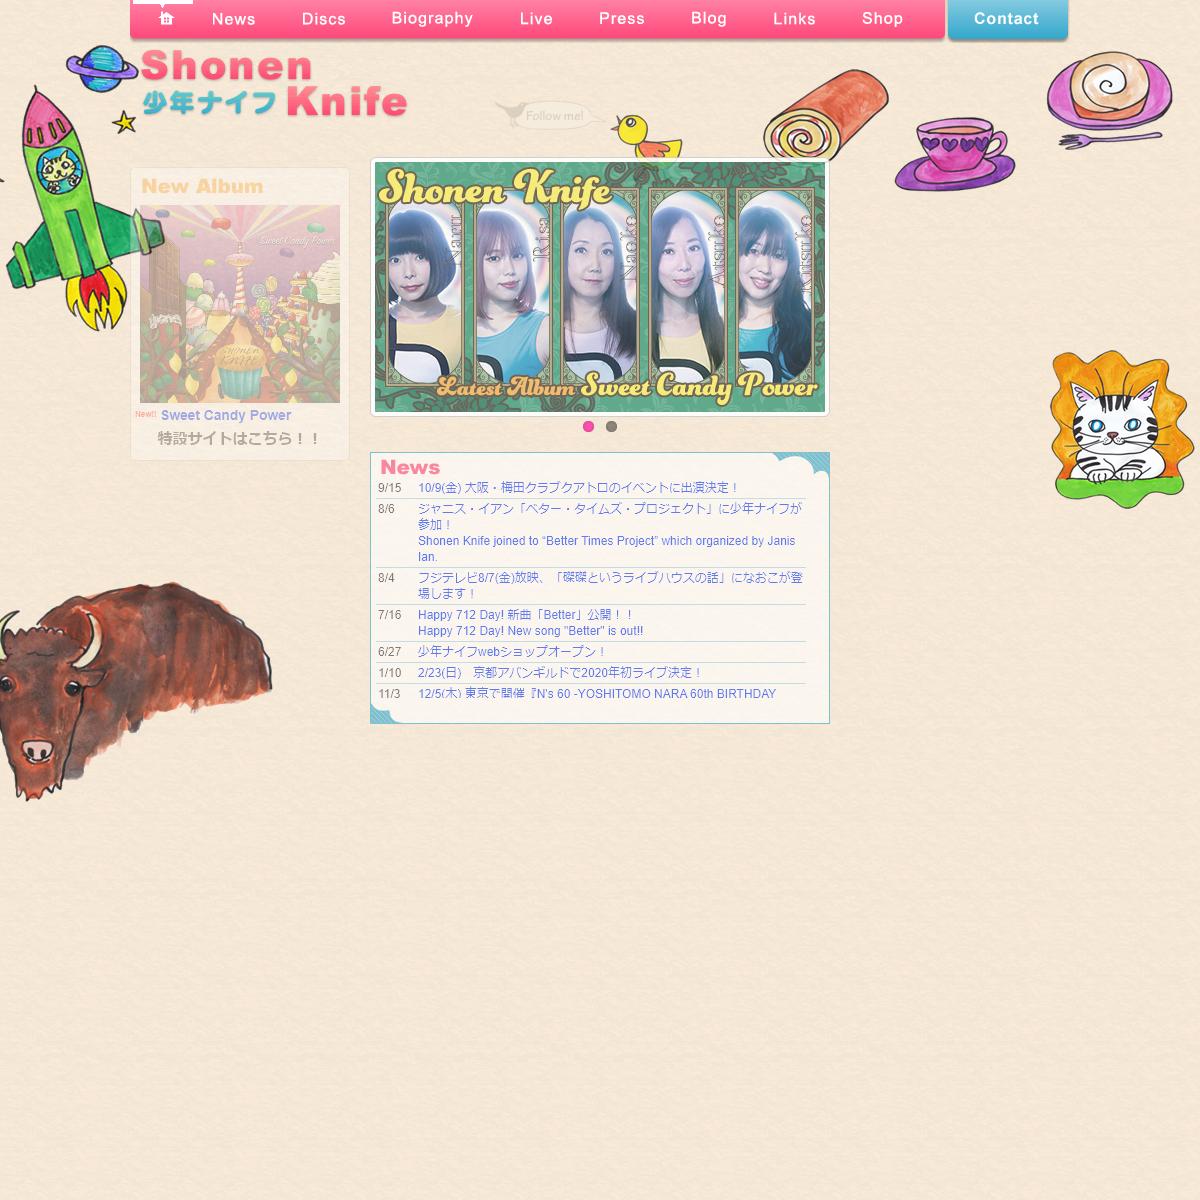 少年ナイフ Shonen Knife Official Website